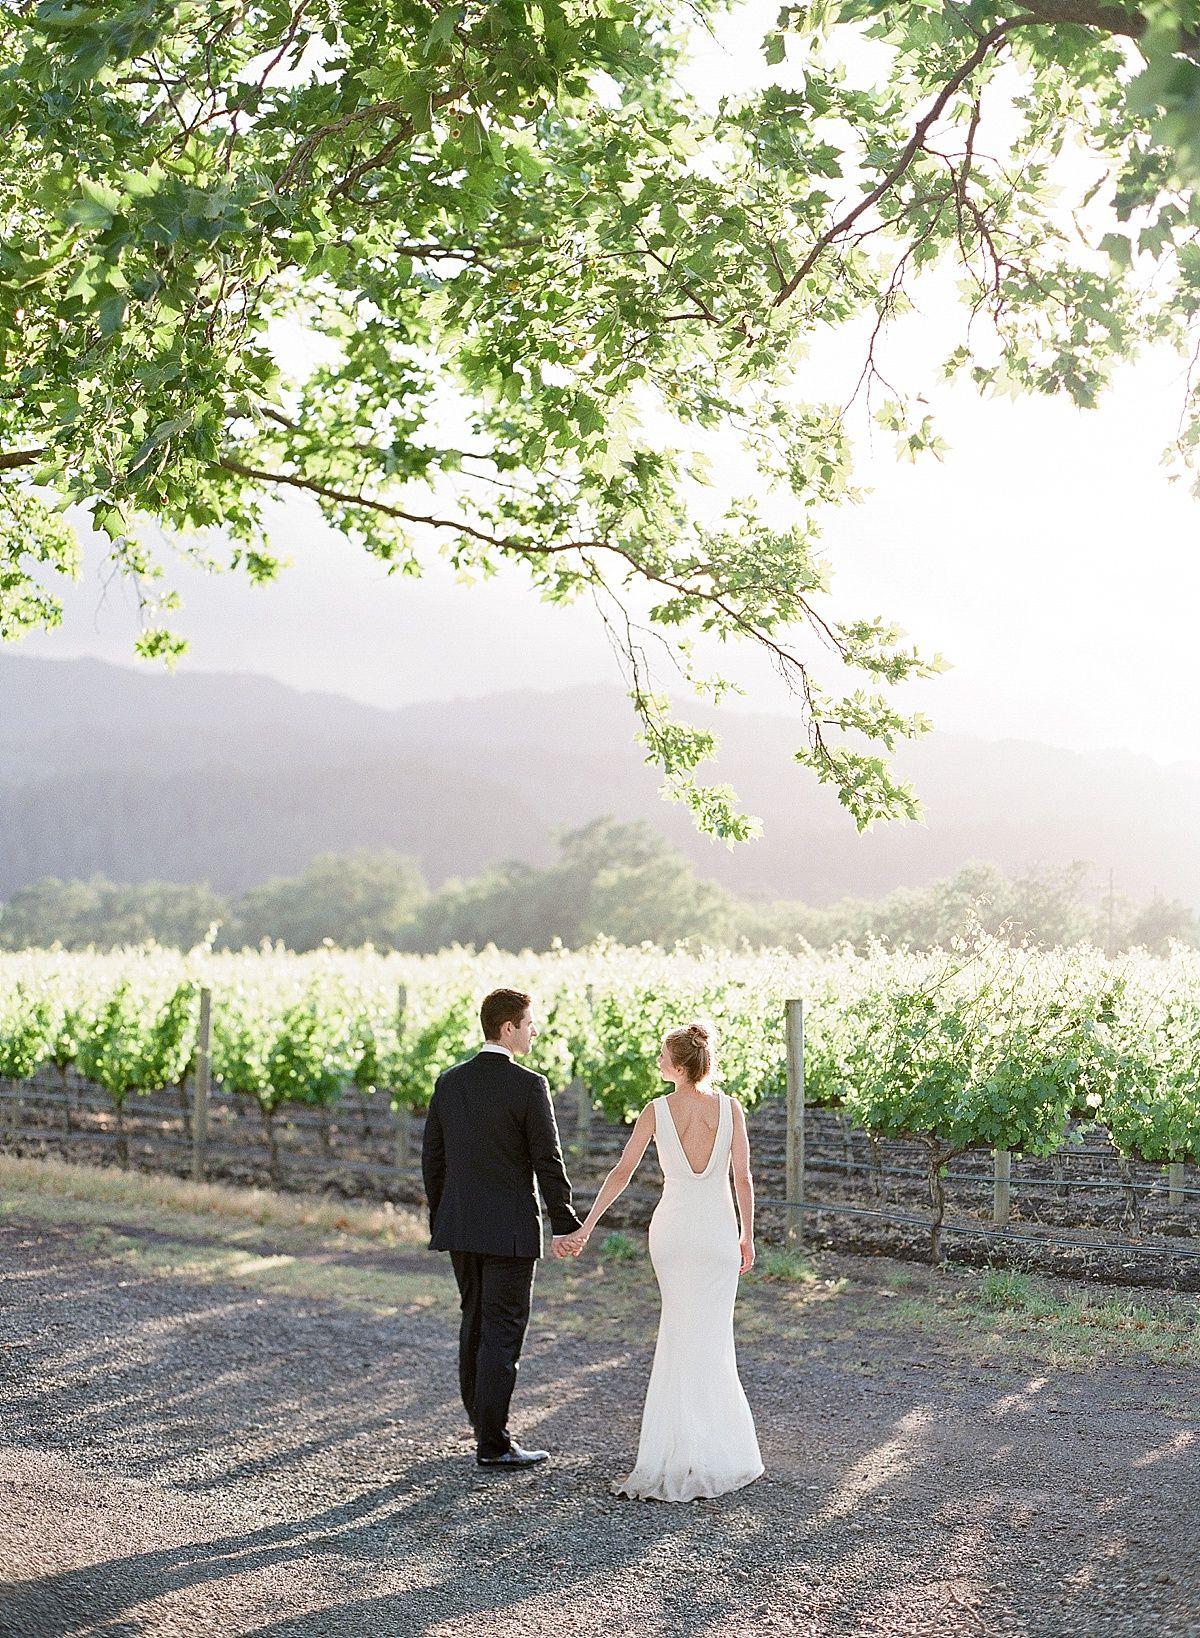 торец, жозе вилла свадебные фото недостаток такого доспеха